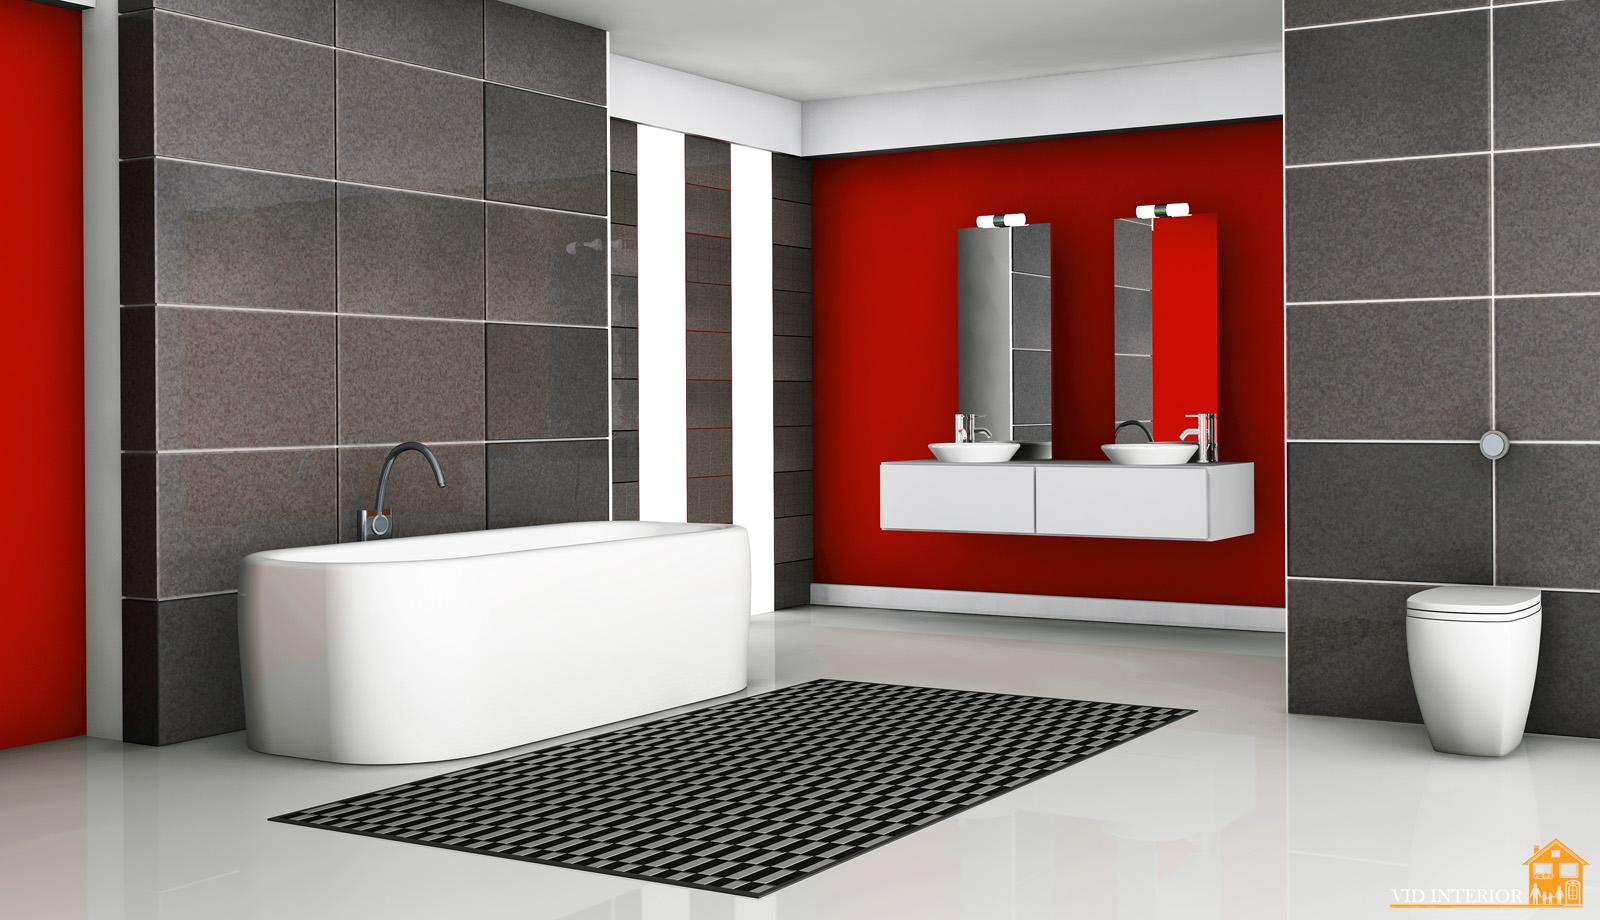 German bathroom fixtures